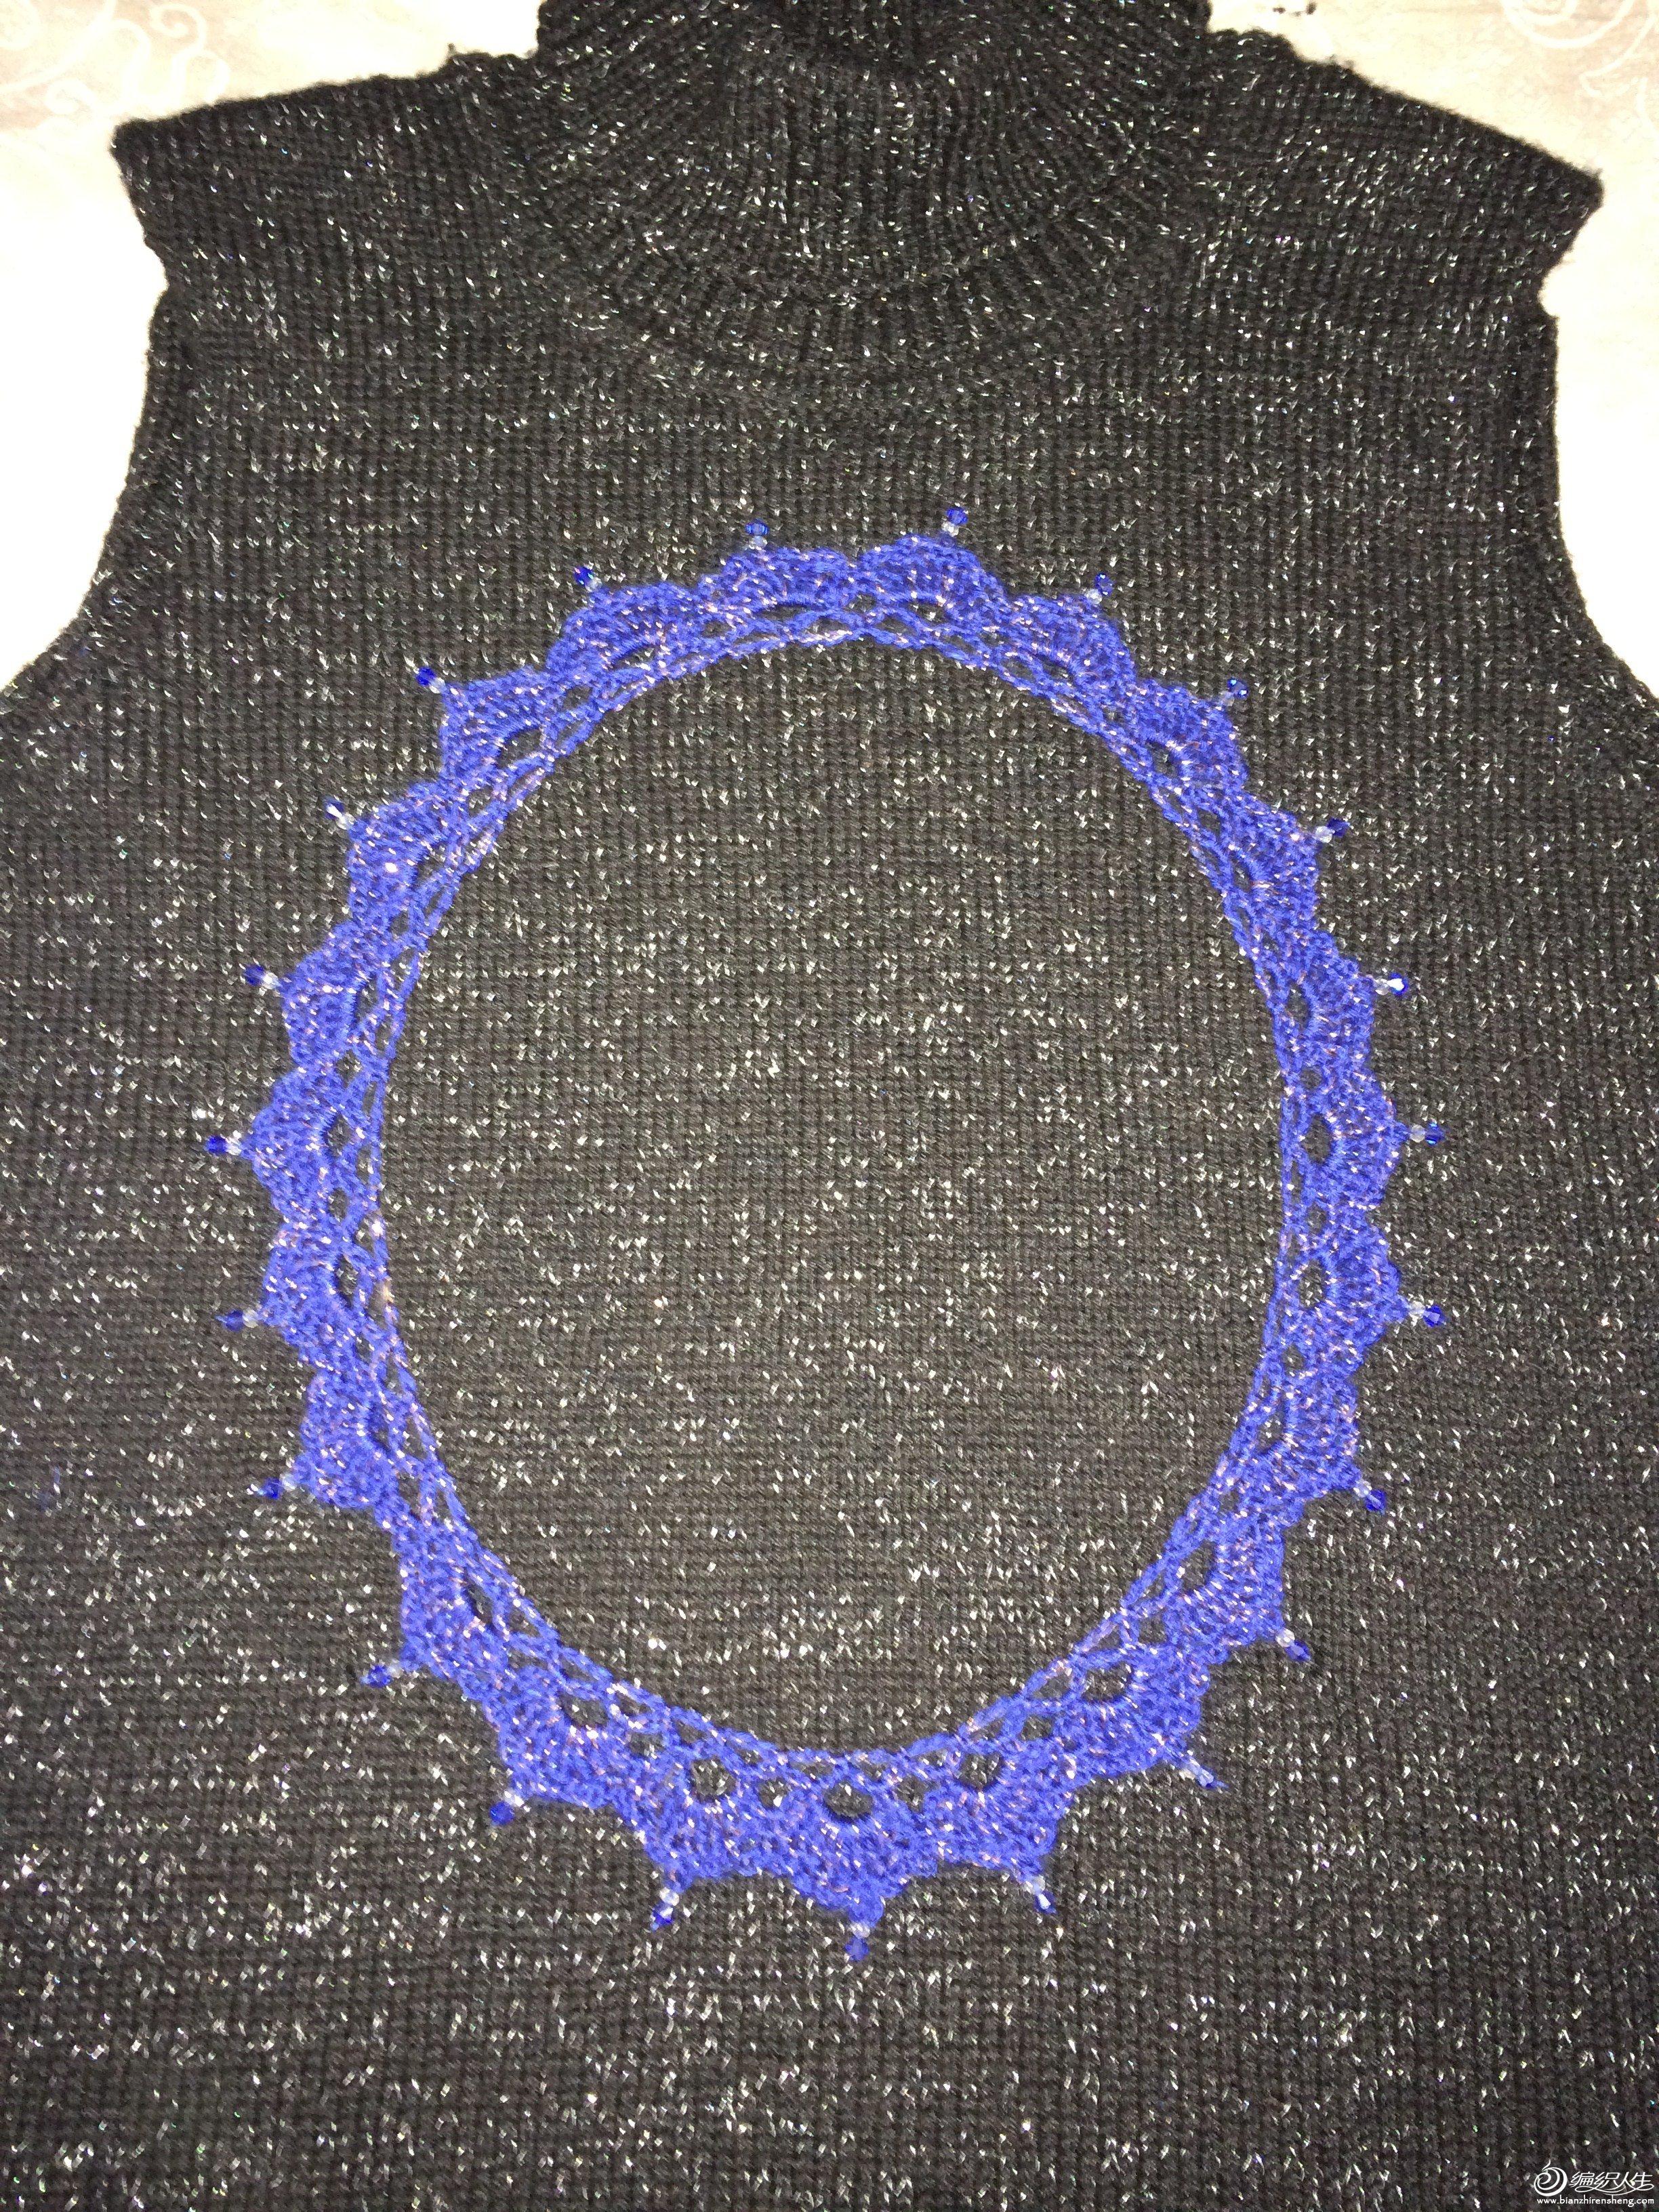 缝上装饰花边的的珠子,.JPG